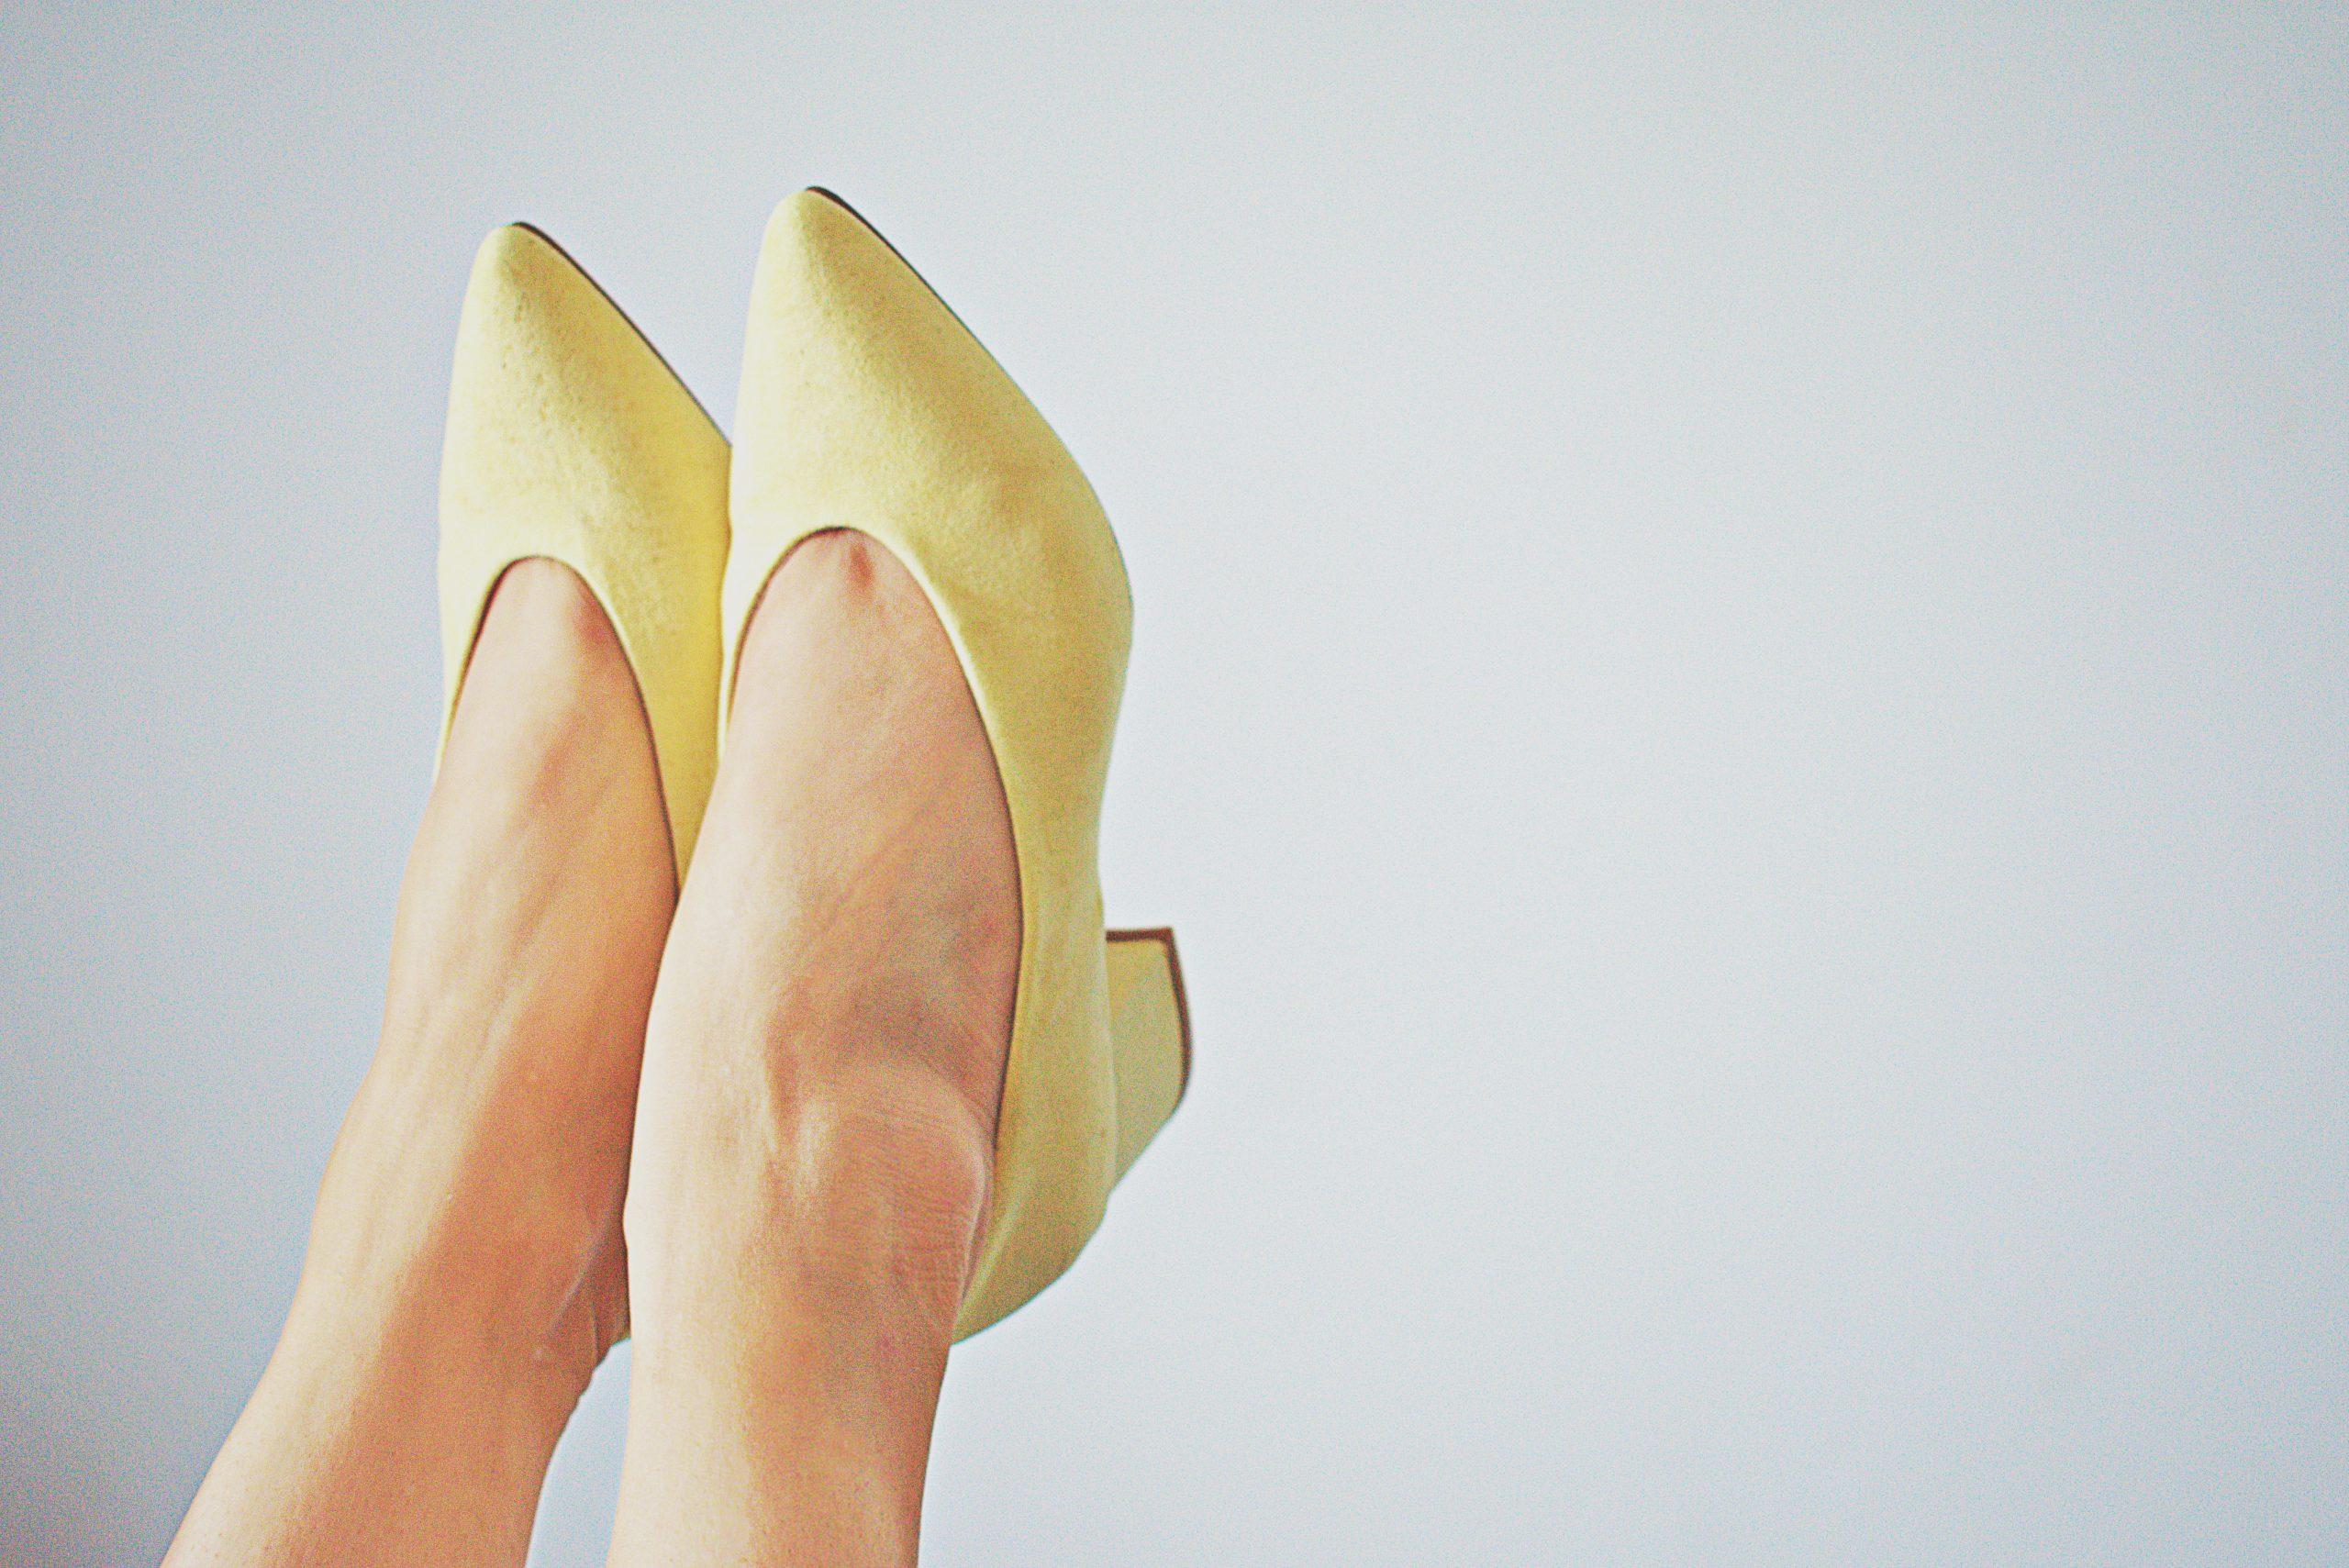 Wygodne kupowanie damskich butów online